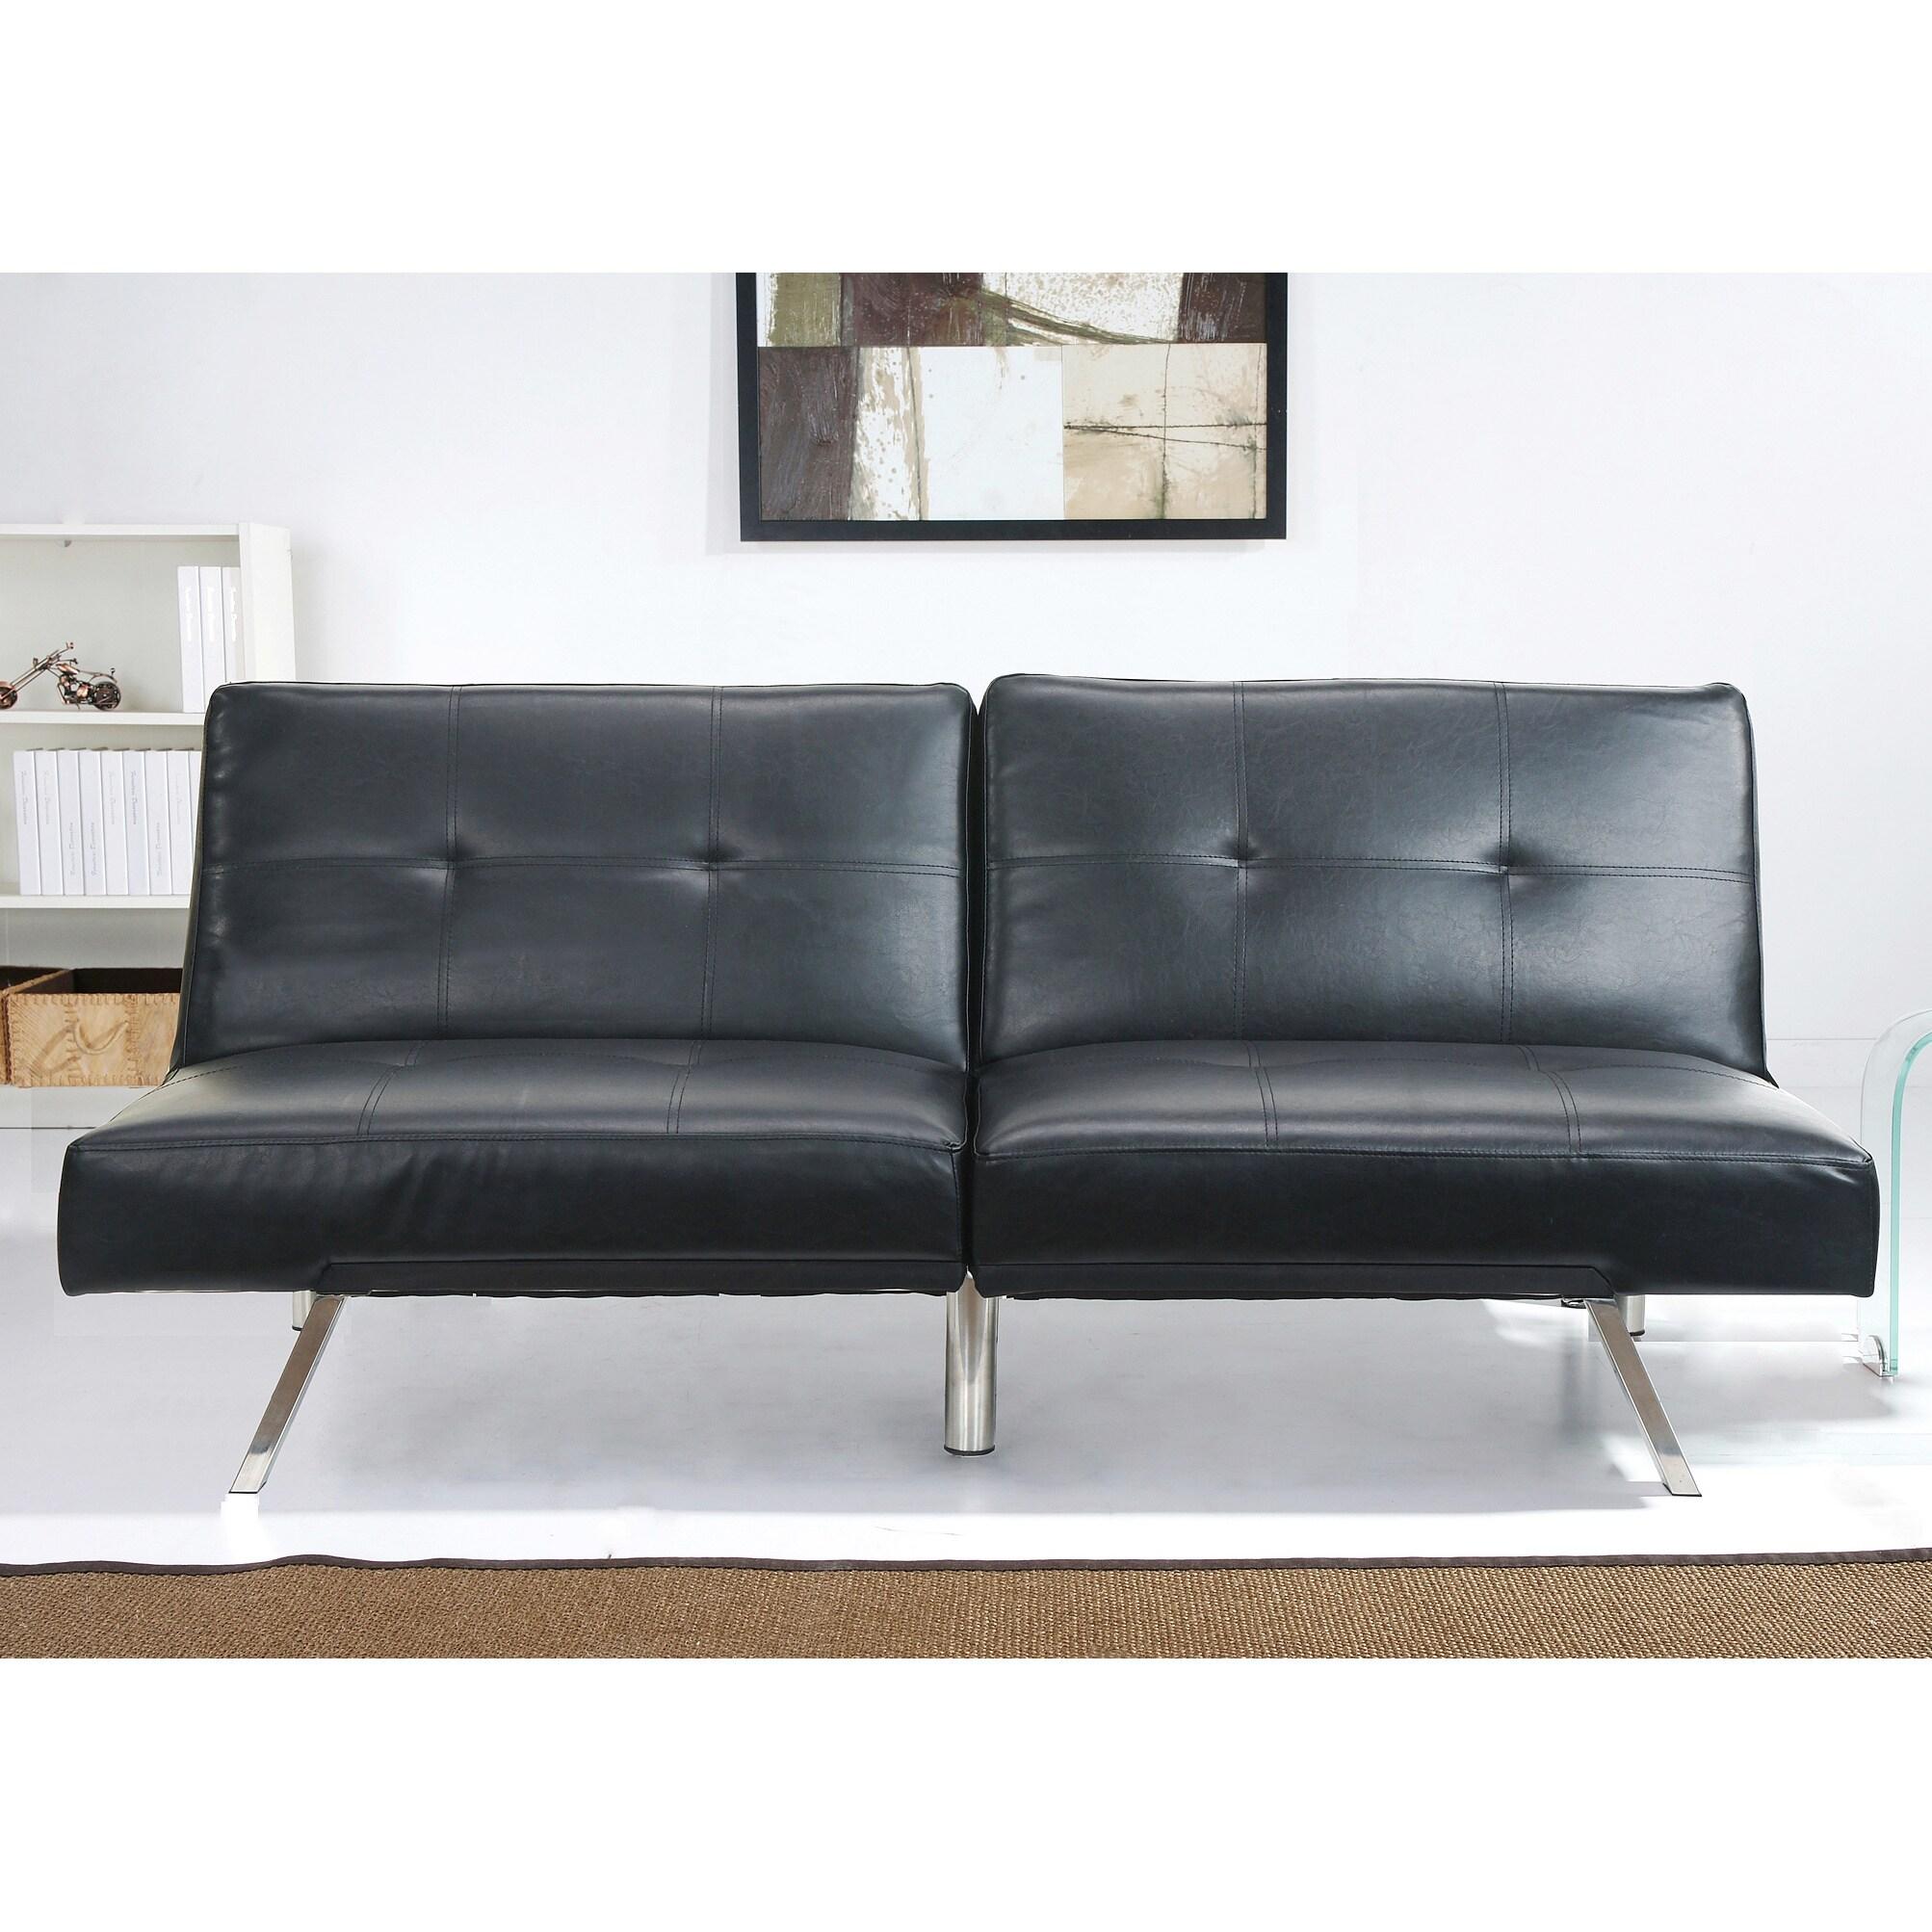 Image Result For Image Result For Buy Black Leather Sofa Online